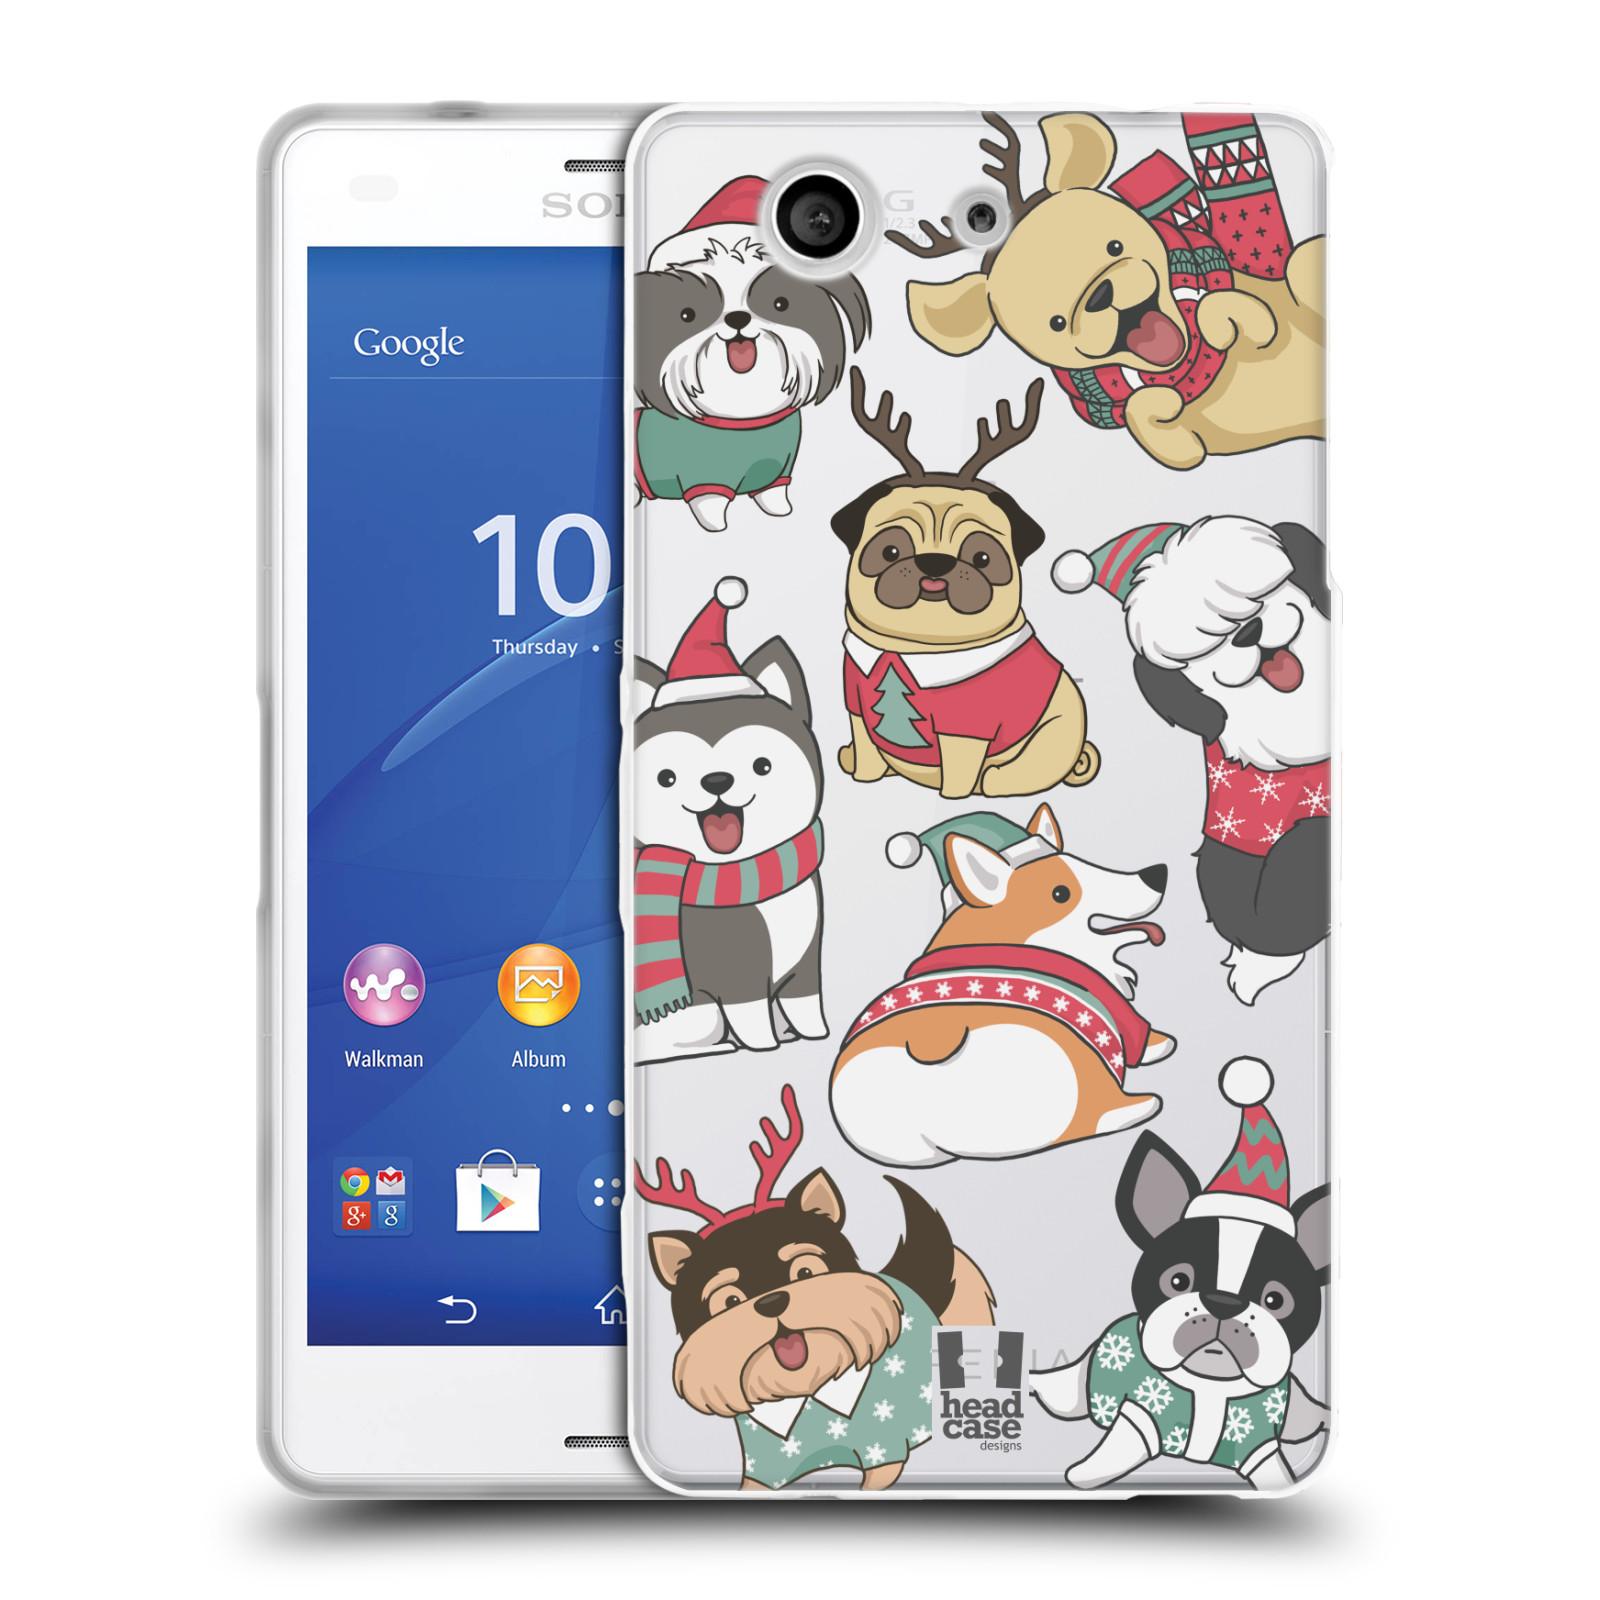 Silikonové pouzdro na mobil Sony Xperia Z3 Compact D5803 - Head Case - Vánoční pejsci